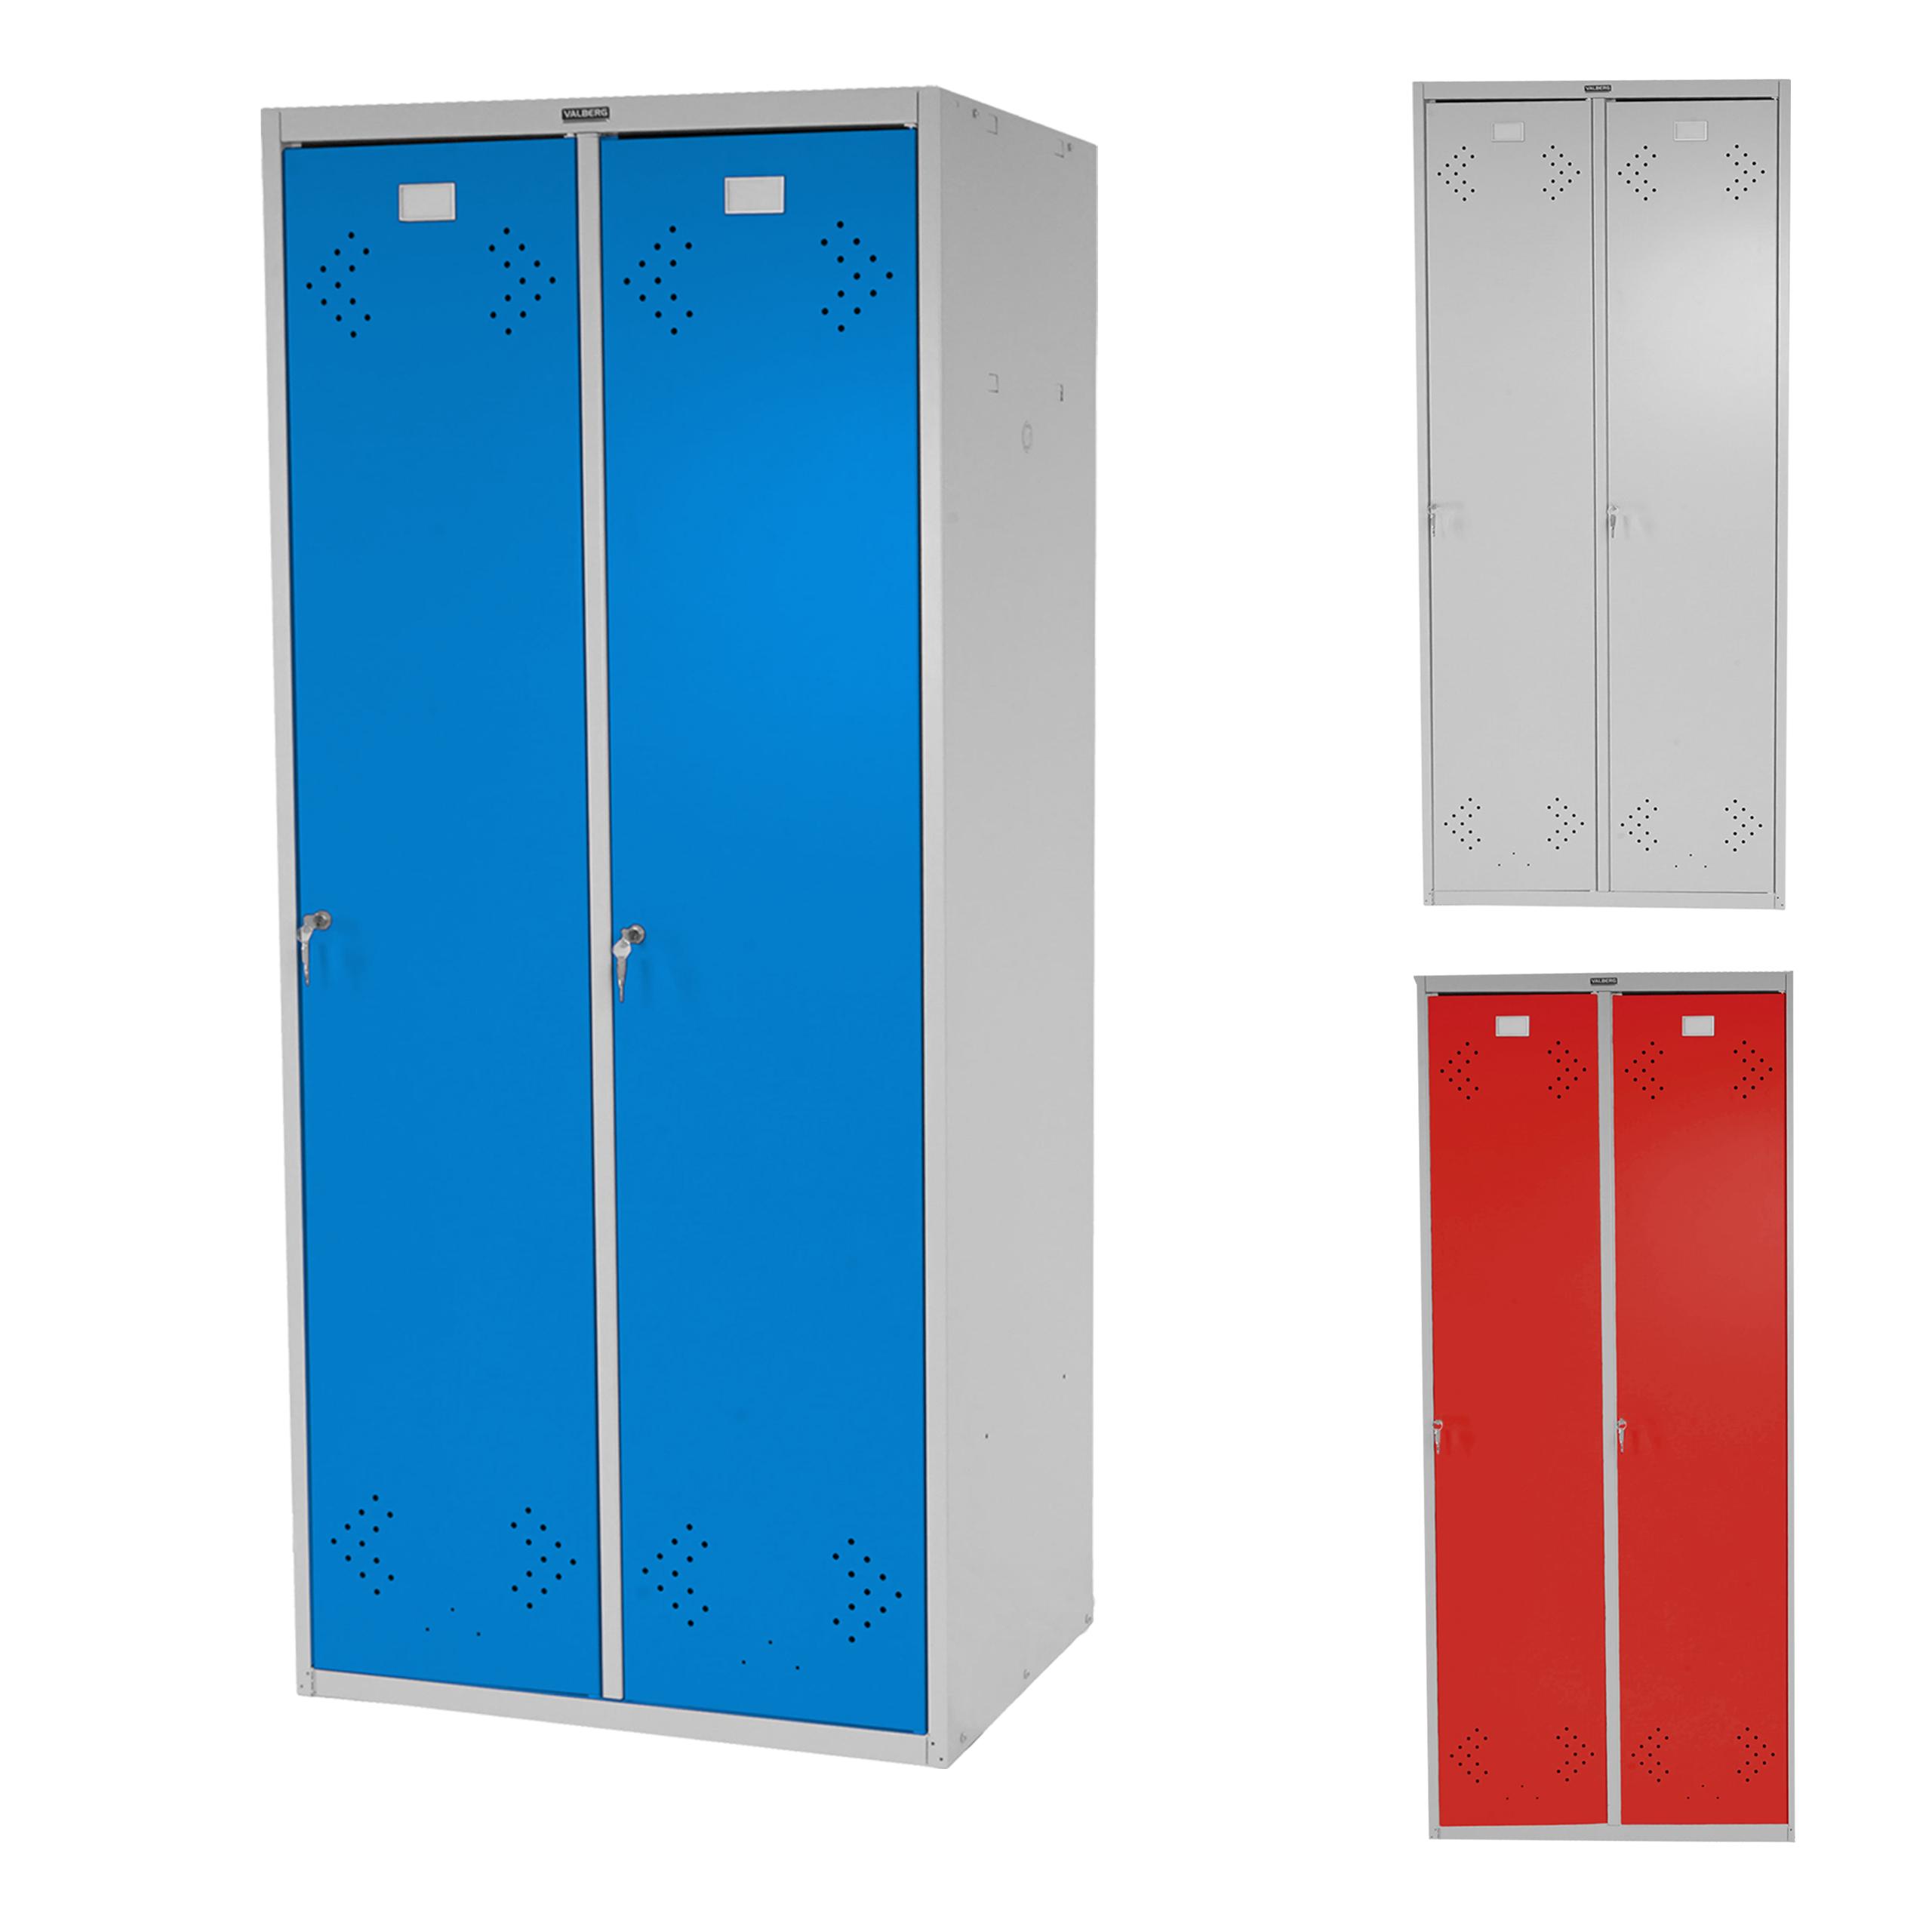 doppelspind valberg t338 kleiderspind metallspind 183x81x50cm nach asr ebay. Black Bedroom Furniture Sets. Home Design Ideas